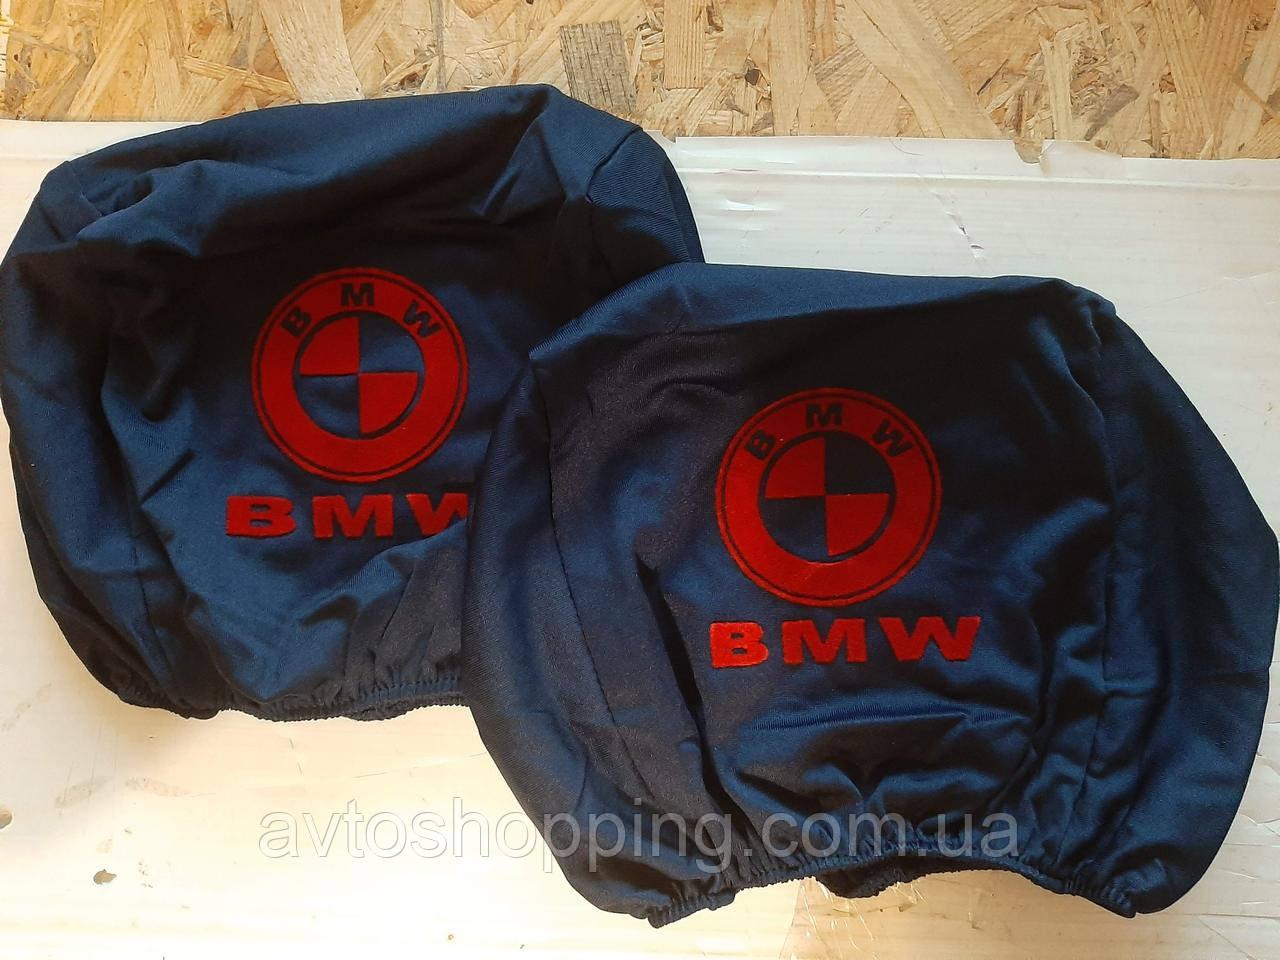 Чохли на підголівник BMW Бмв темно сині з червоним 2 шт